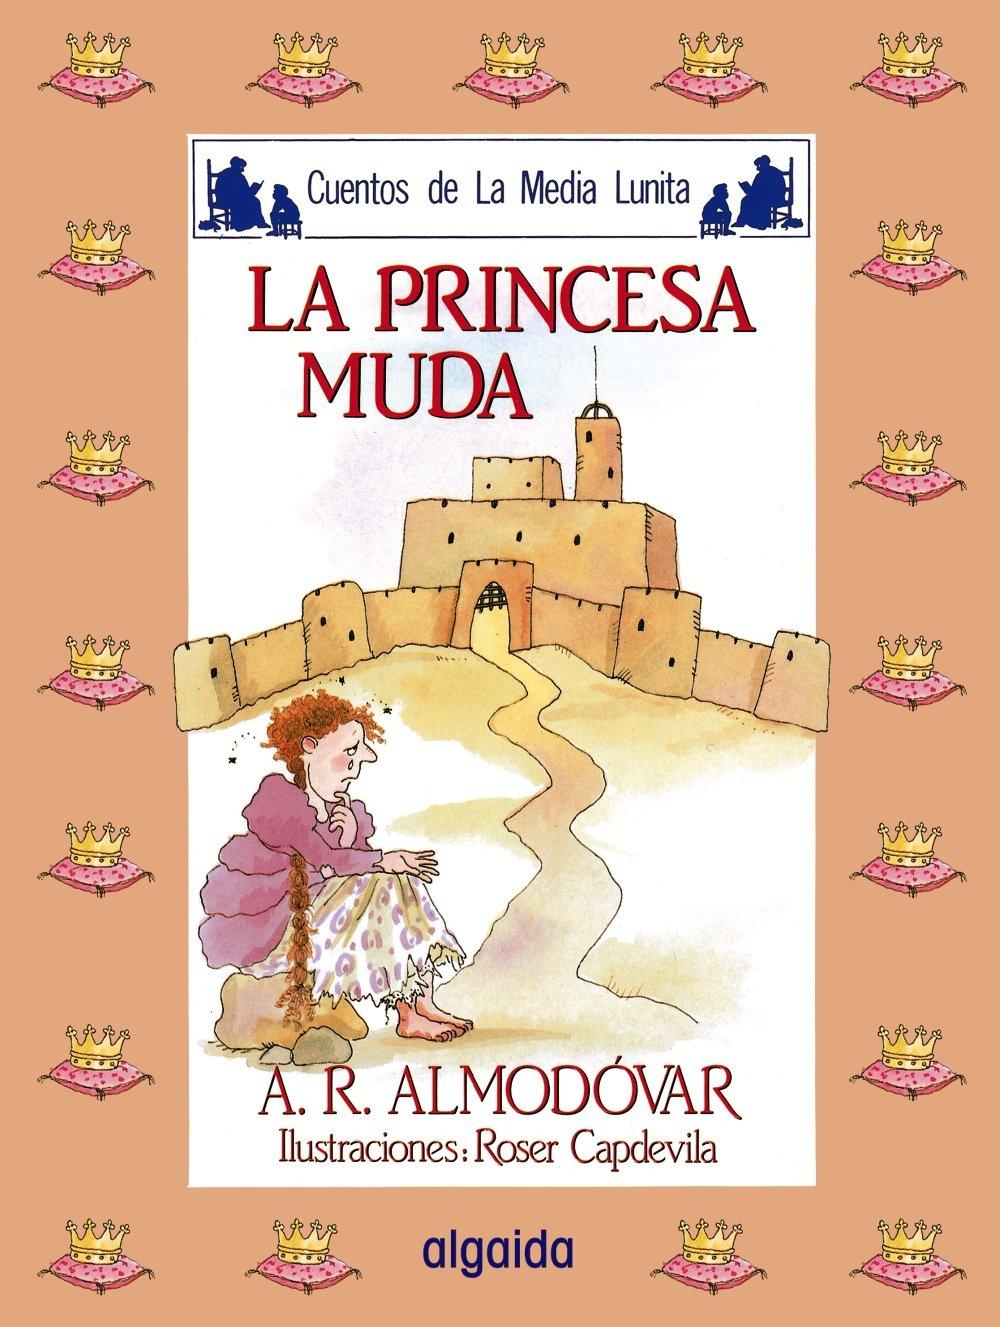 Media lunita nº 5. La princesa muda (Infantil - Juvenil - Cuentos De La Media Lunita - Edición En Rústica)